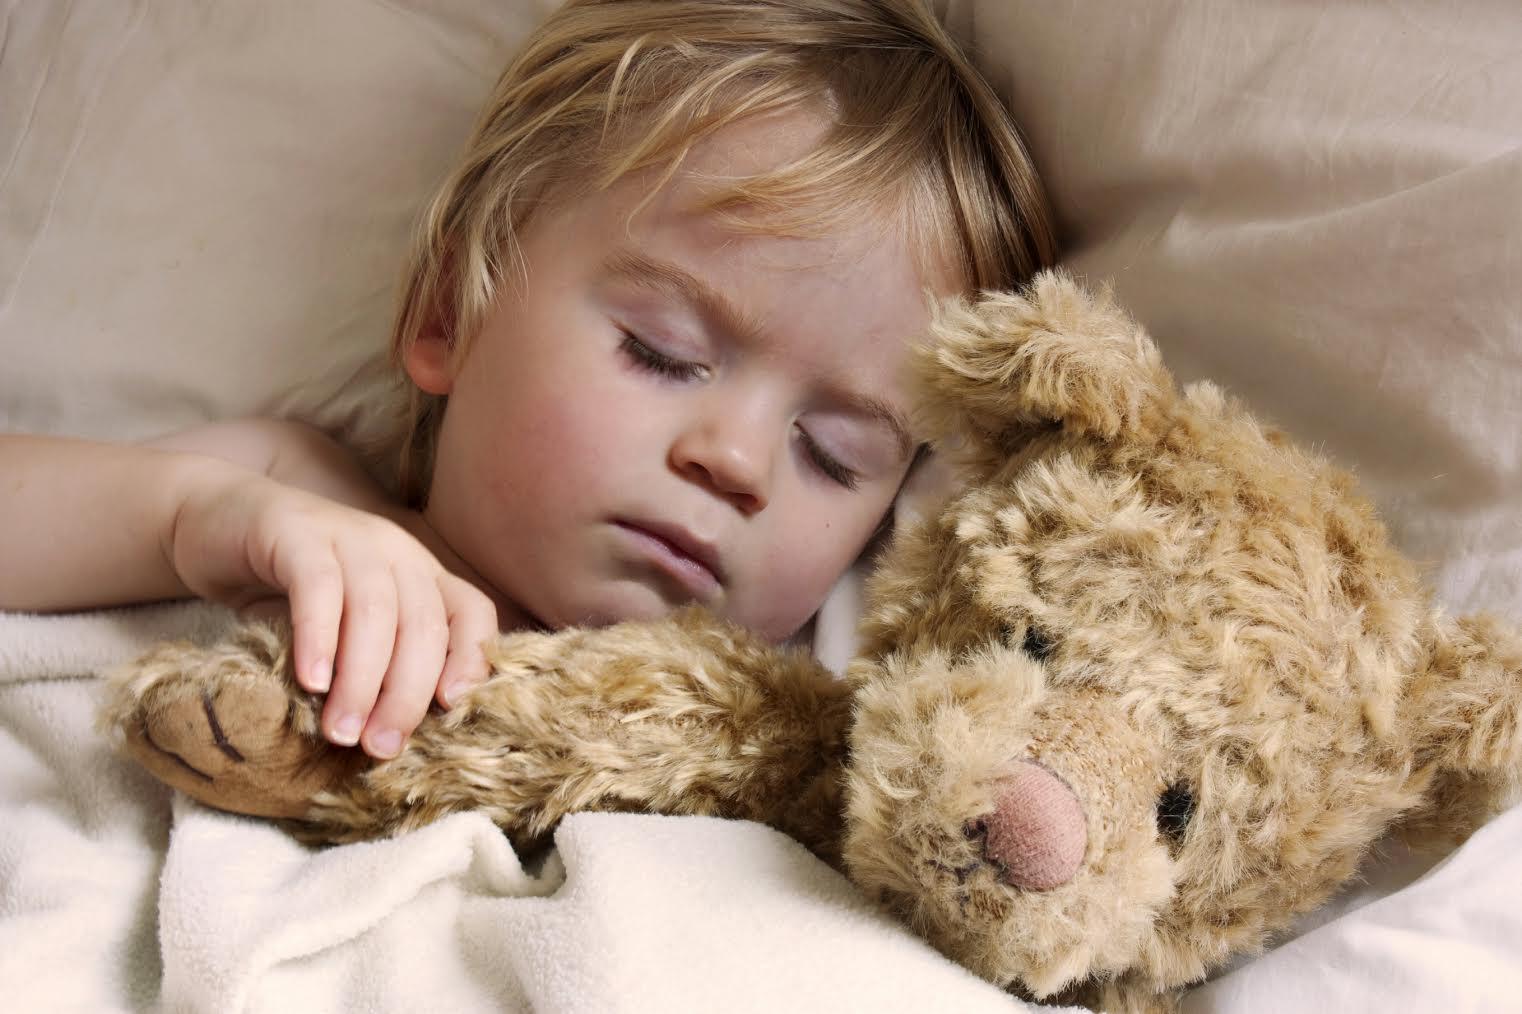 Кроме того, беспокойный сон может быть связан со скачком развития: дочь просит взять ее на руки или дать ей ручку.